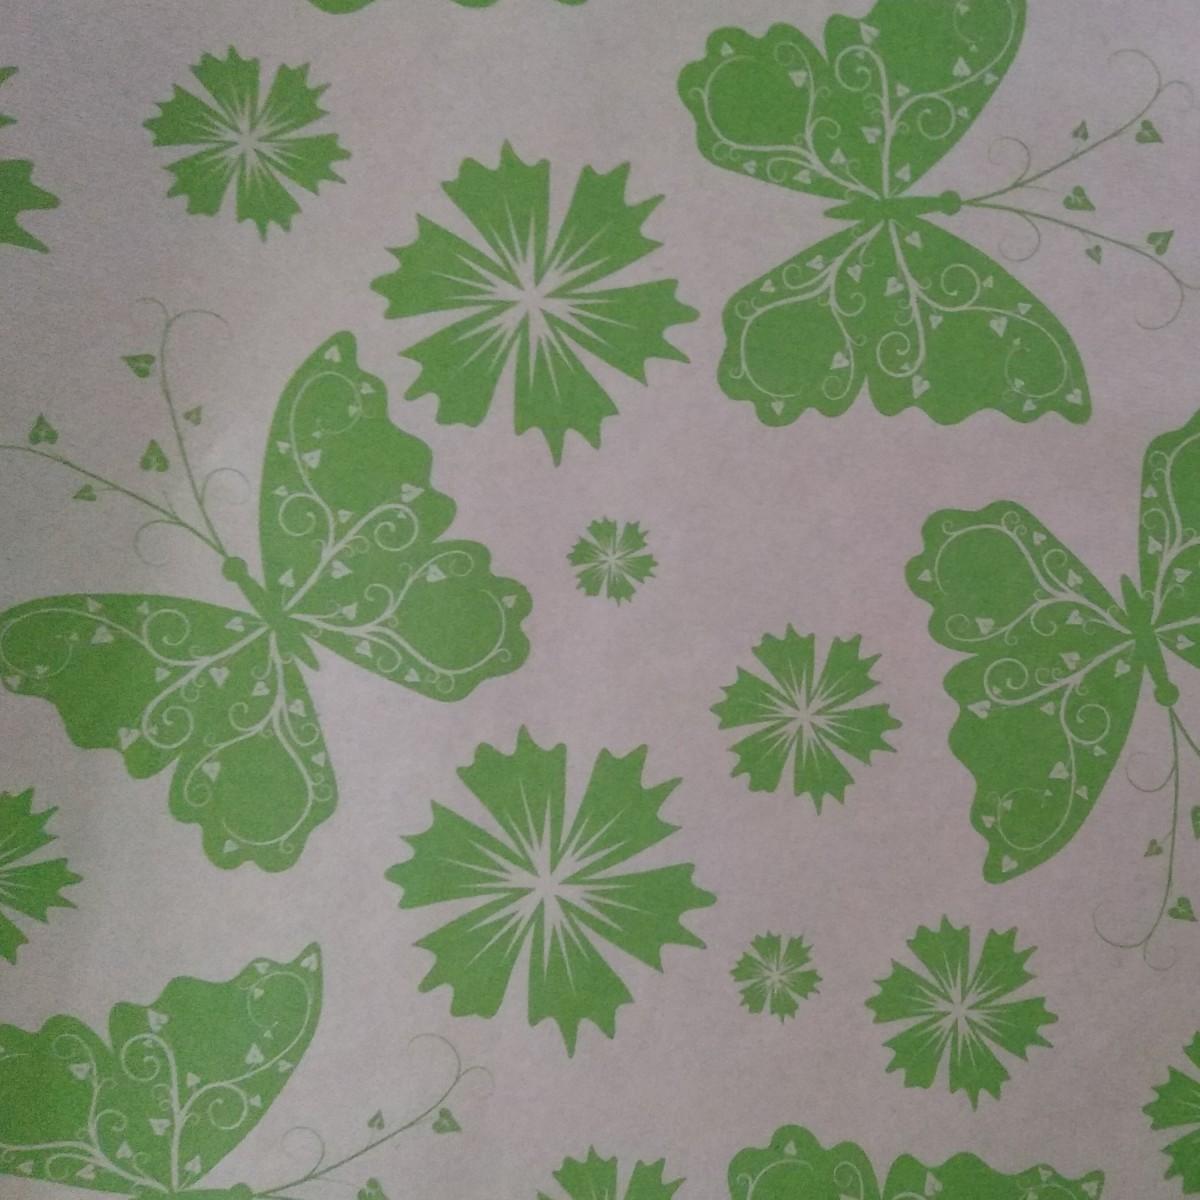 7208 Butterflies Print Lime Green 50cmx25m Kraft Paper - 1 Roll